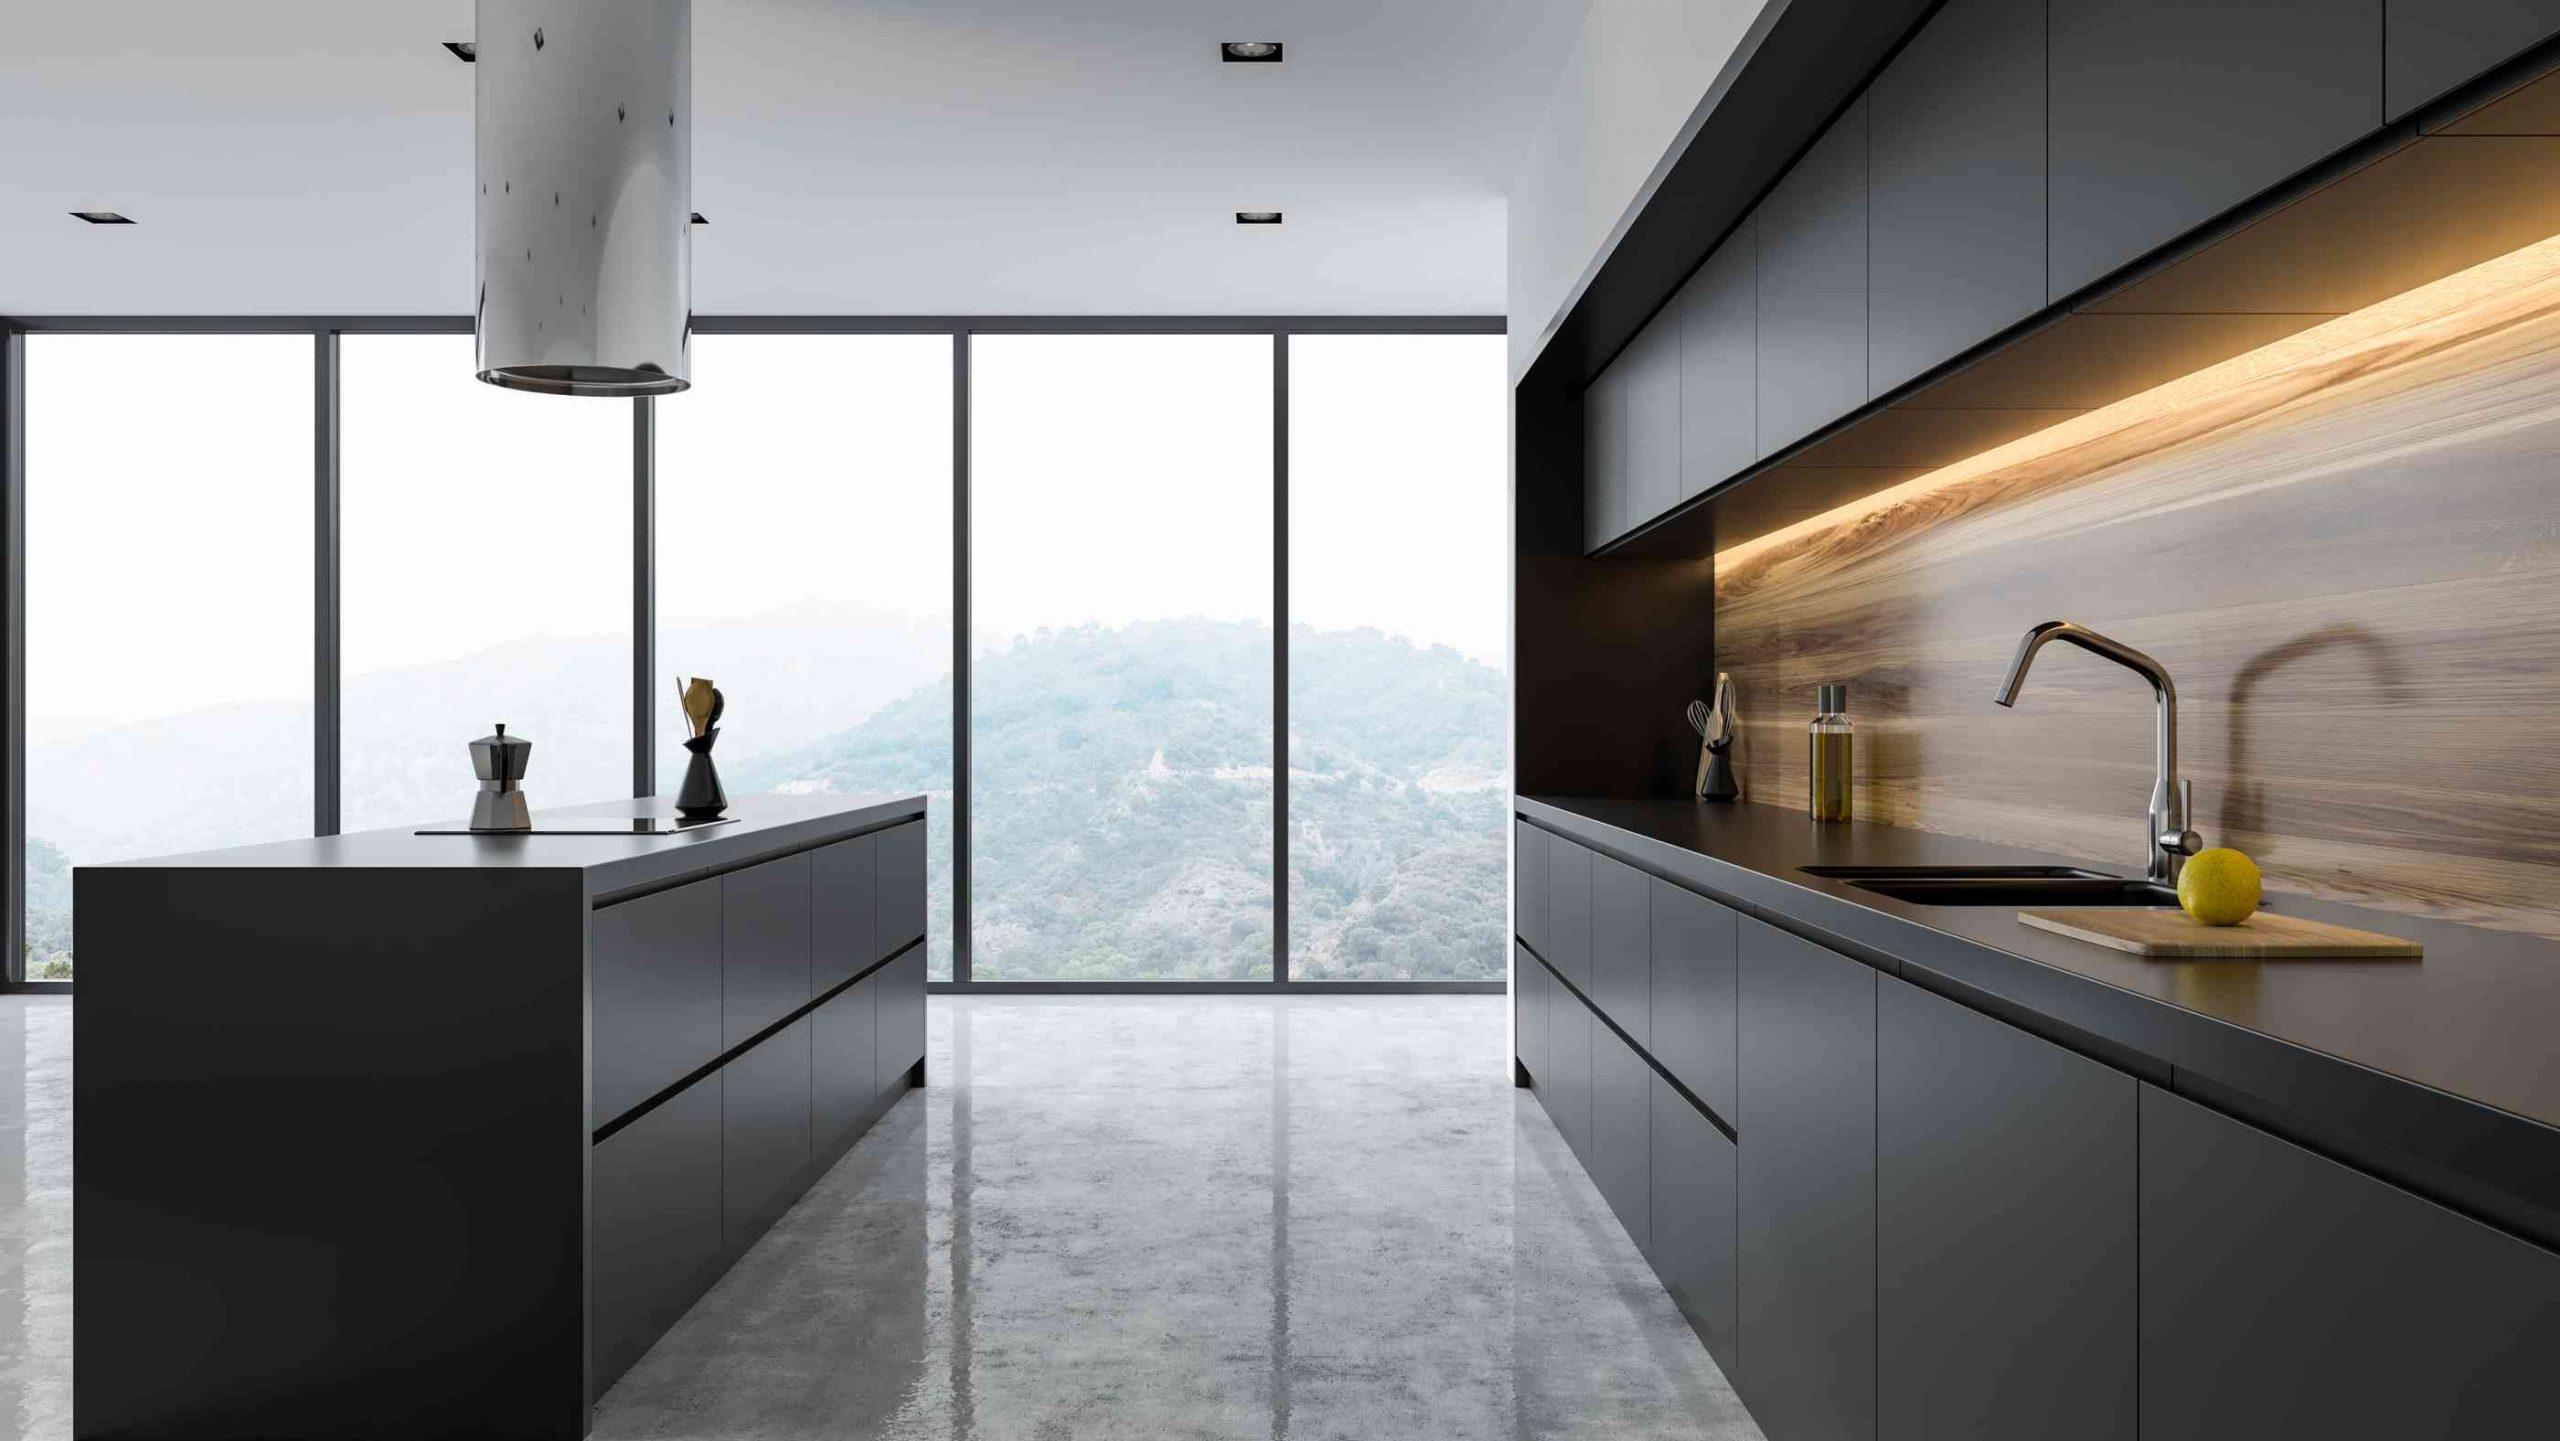 Full Size of Bodenbelag Küche Beton Bodenbelag Küche Estrich Boden Für Küche Und Esszimmer Küchenboden Schwarz Küche Bodenbelag Küche